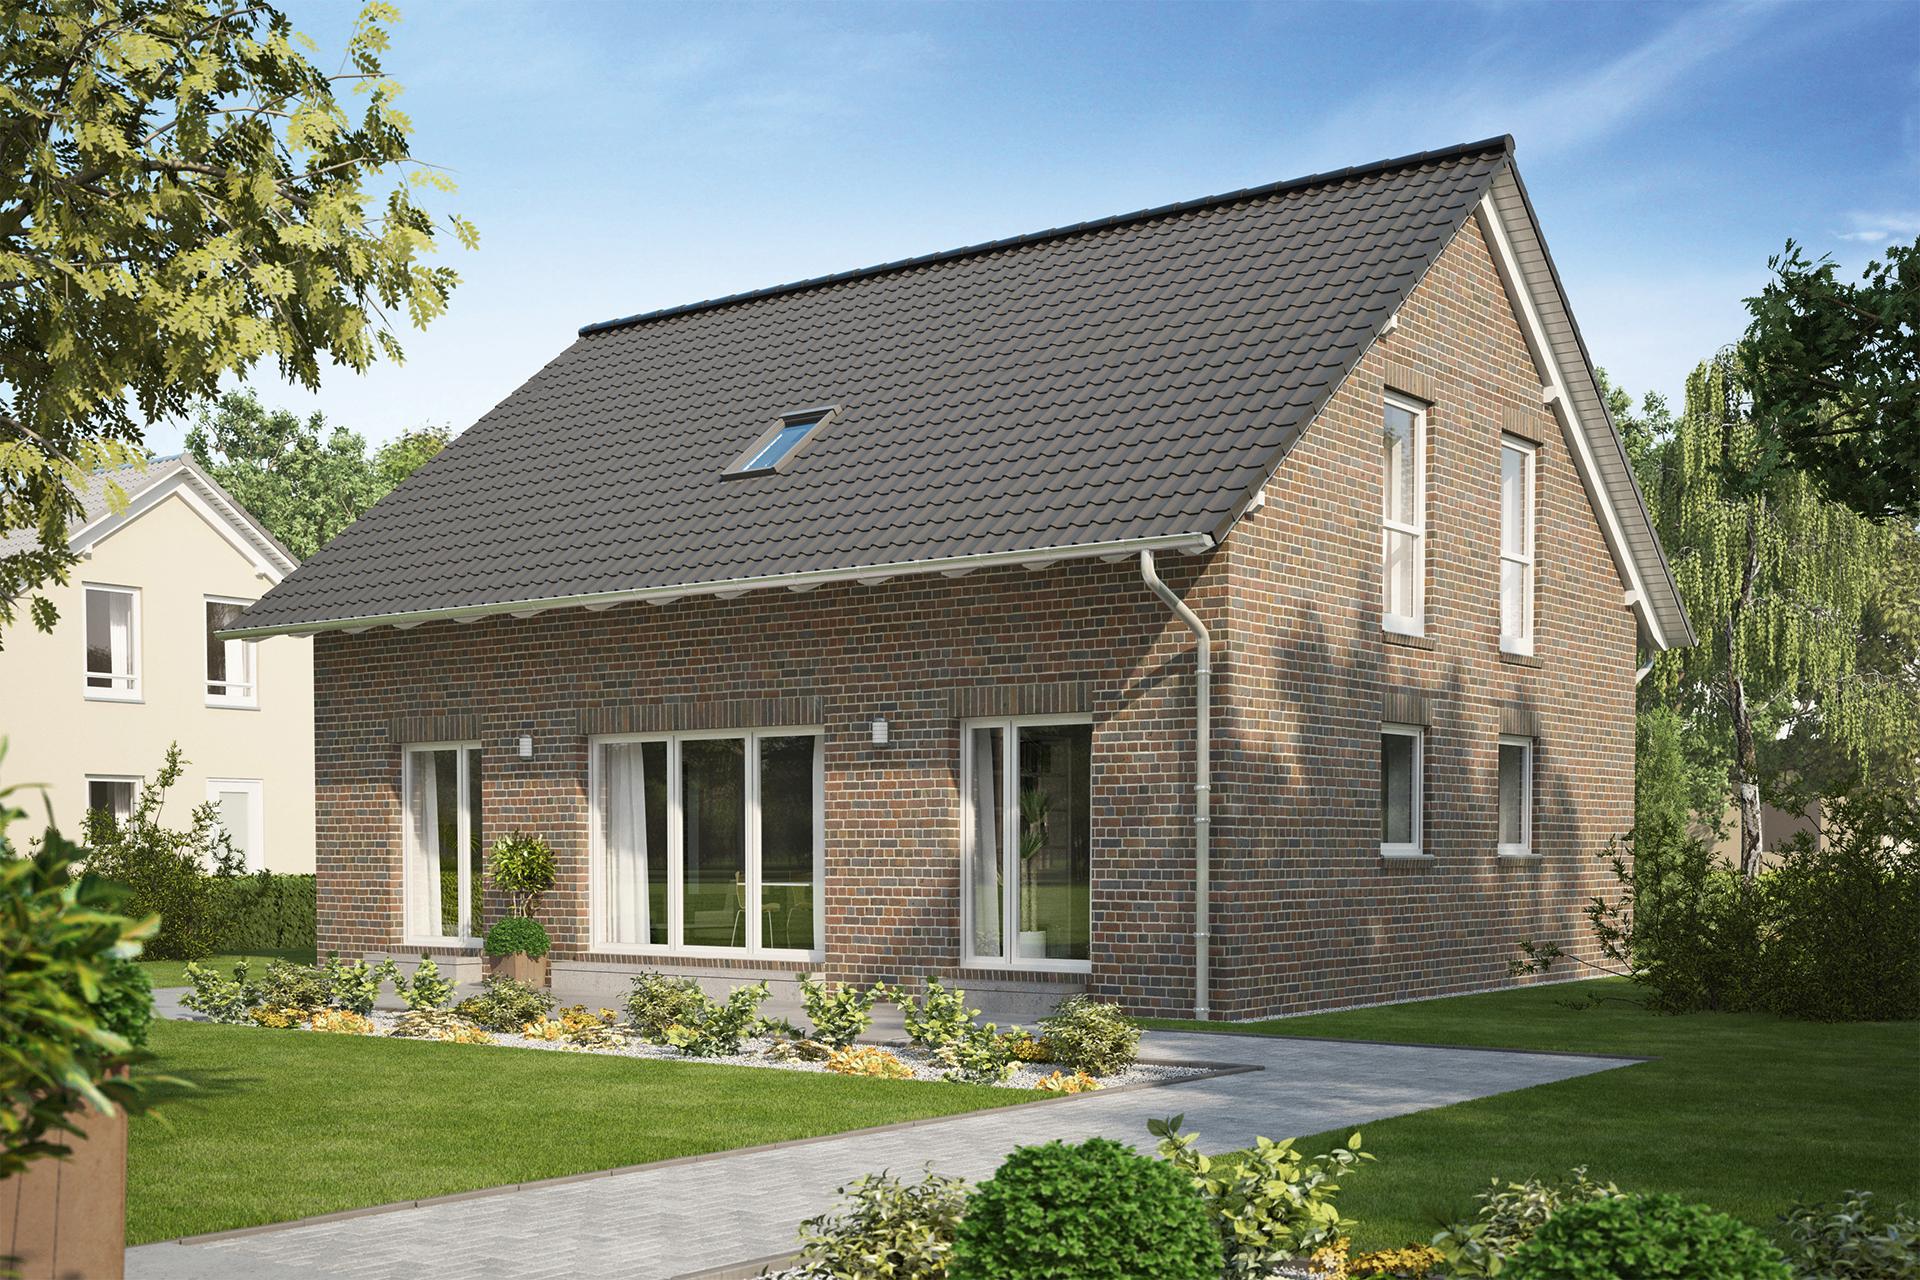 Einfamilienhaus guenstig bauen   Birkenallee   eines der 21 ...